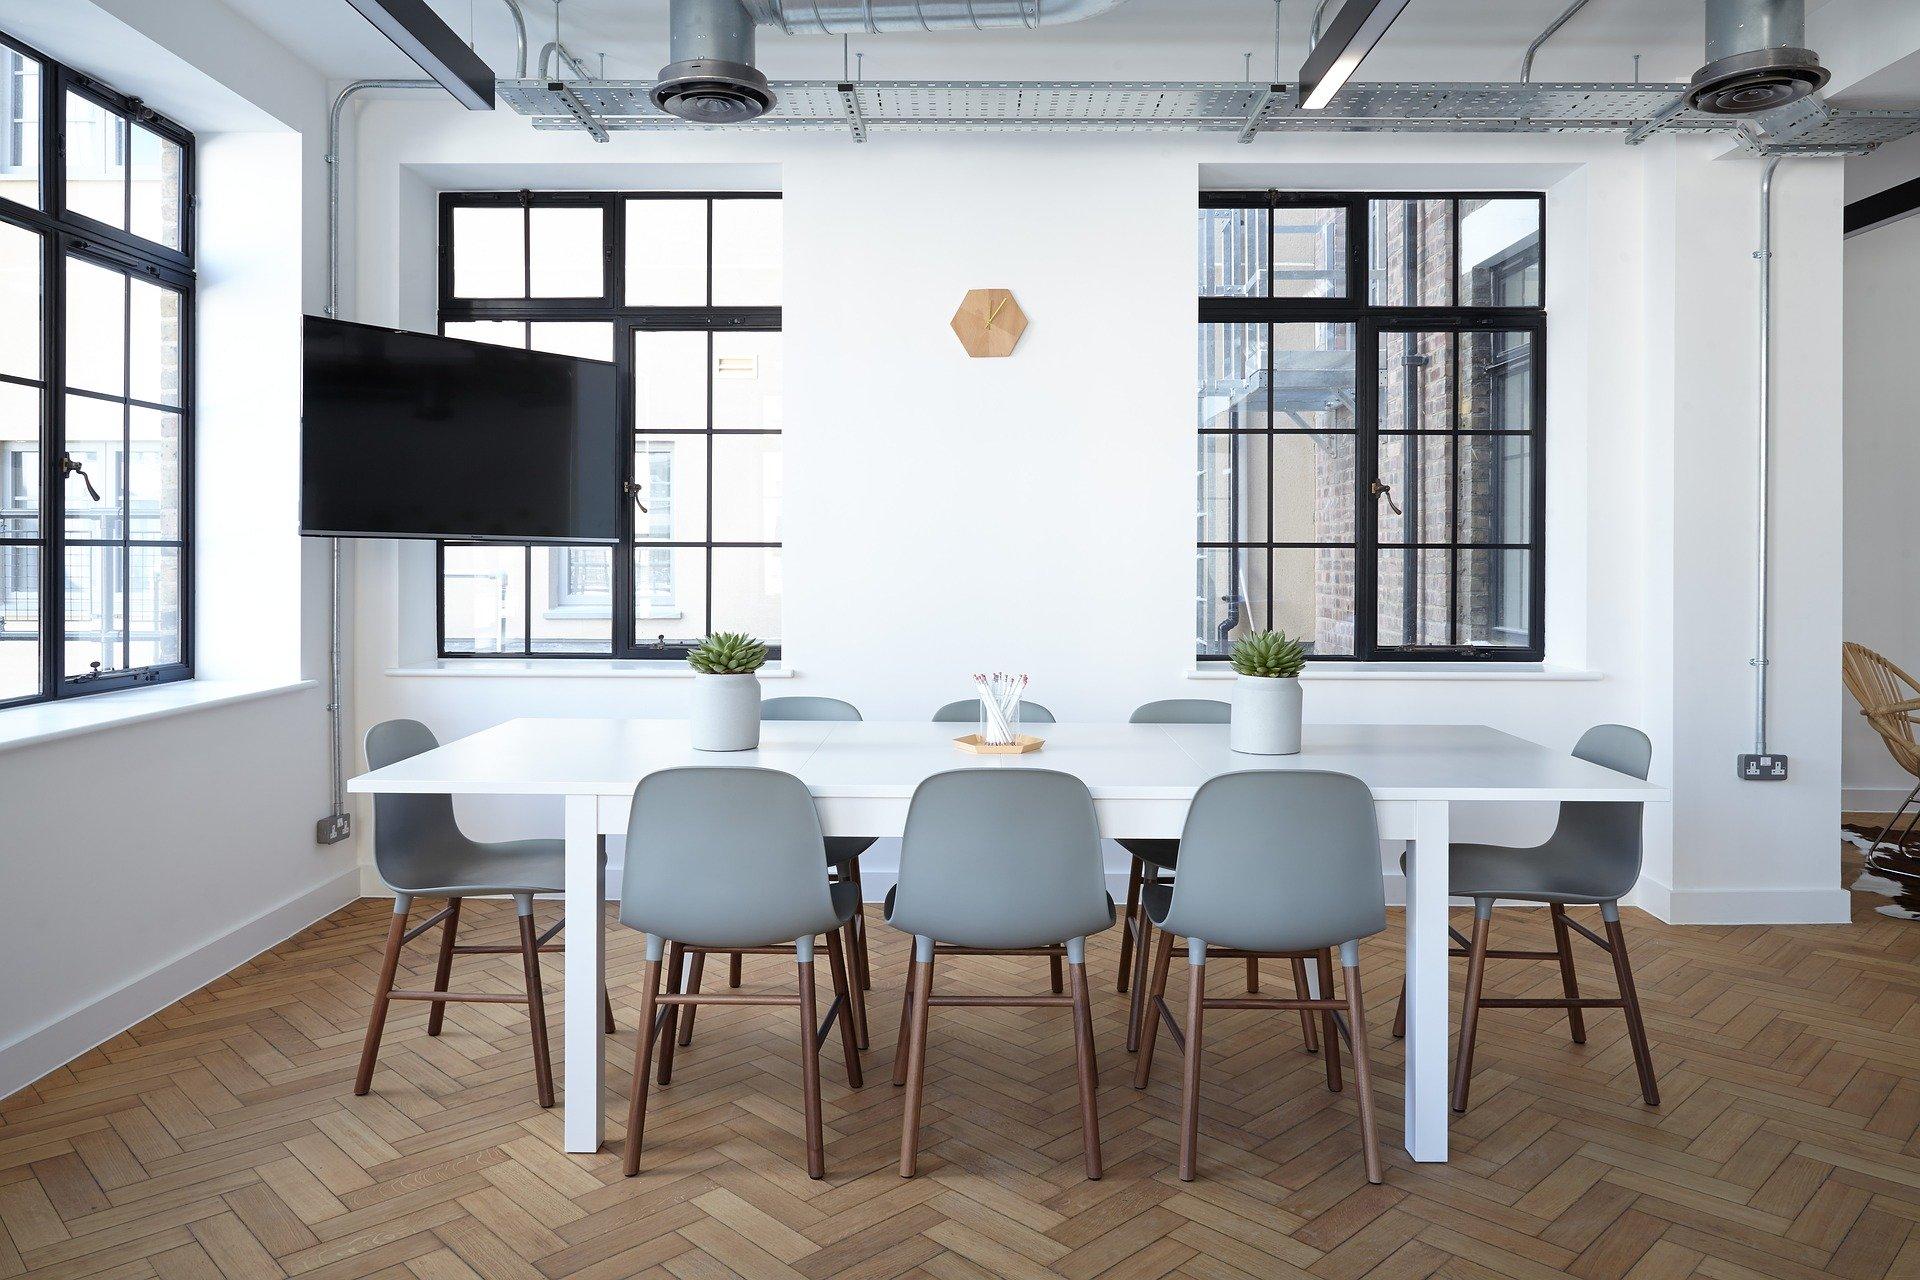 tárgyaló szürke székekkel fehér asztallal fekete ablakkeretekkel